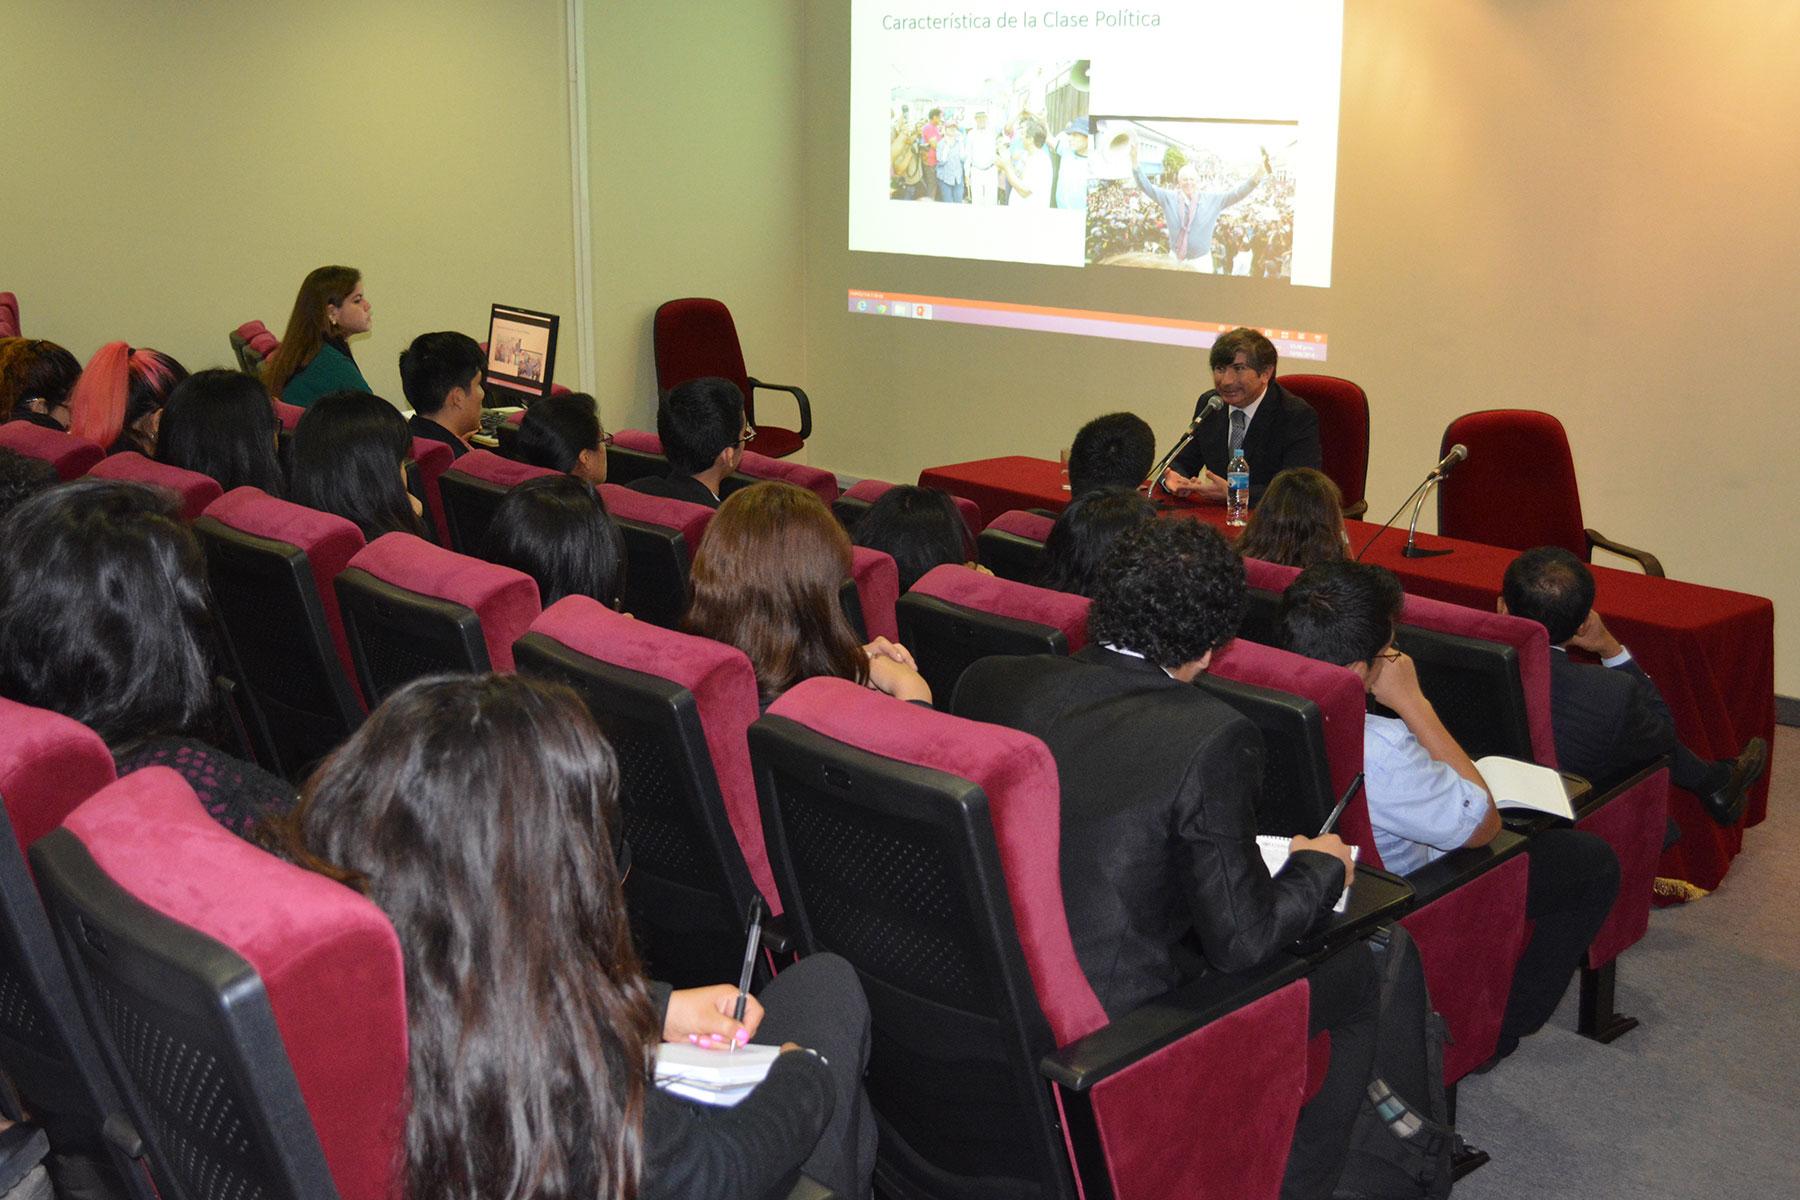 Pablo Muñoz Morales Realiza Ciclo De Conferencias En La FCCTP